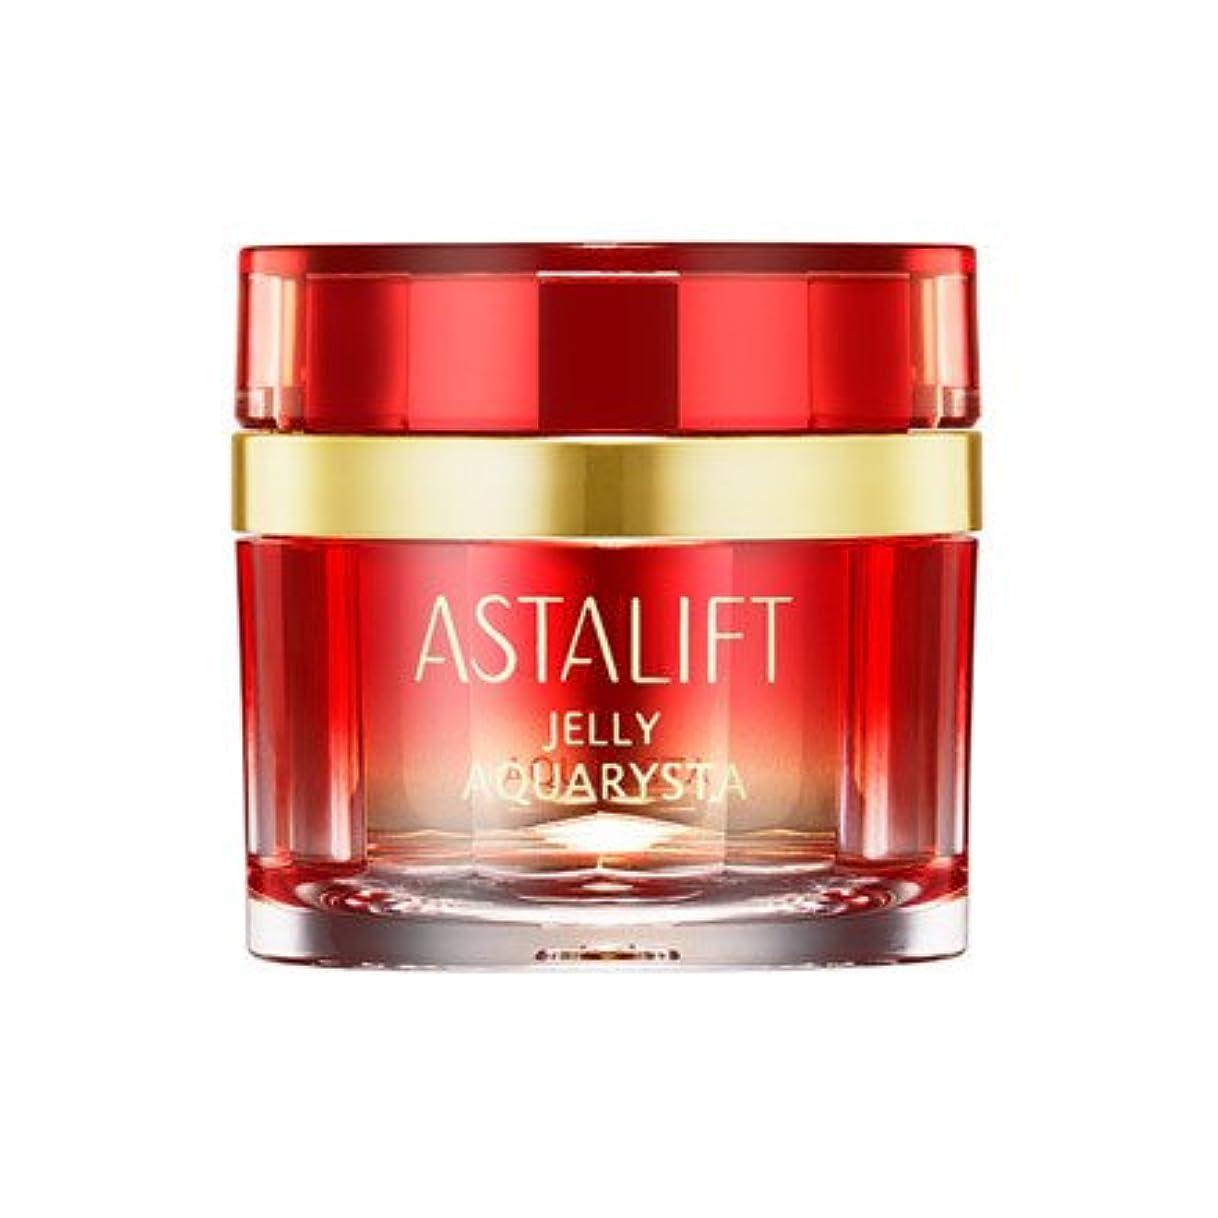 栄光のスピンしばしばアスタリフト ジェリー アクアリスタ 60g ジェリー状先行美容液 旧